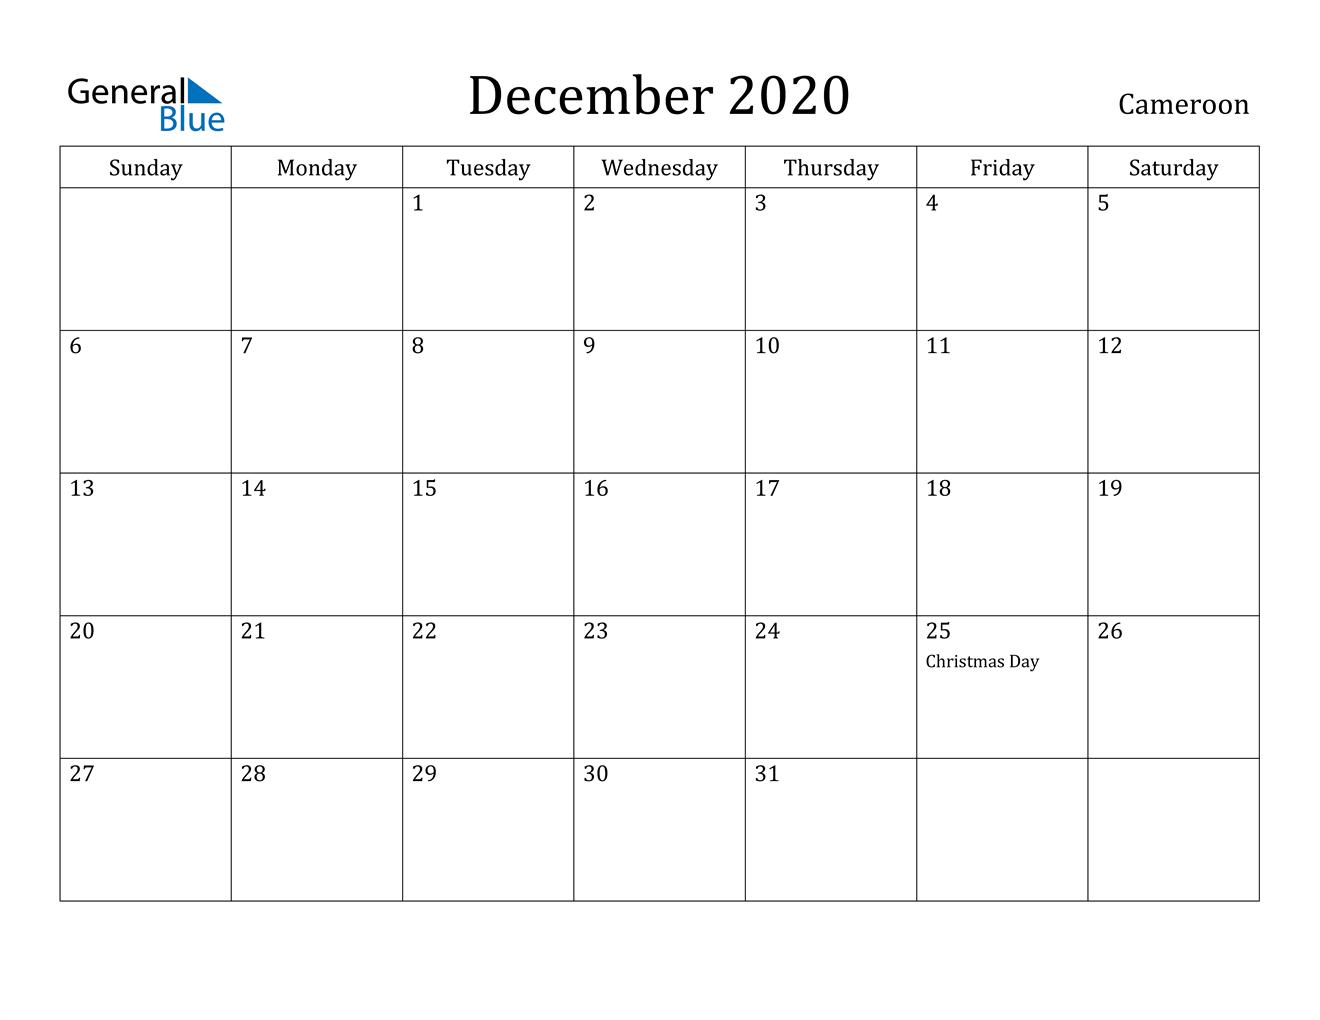 December 2020 Calendar - Cameroon